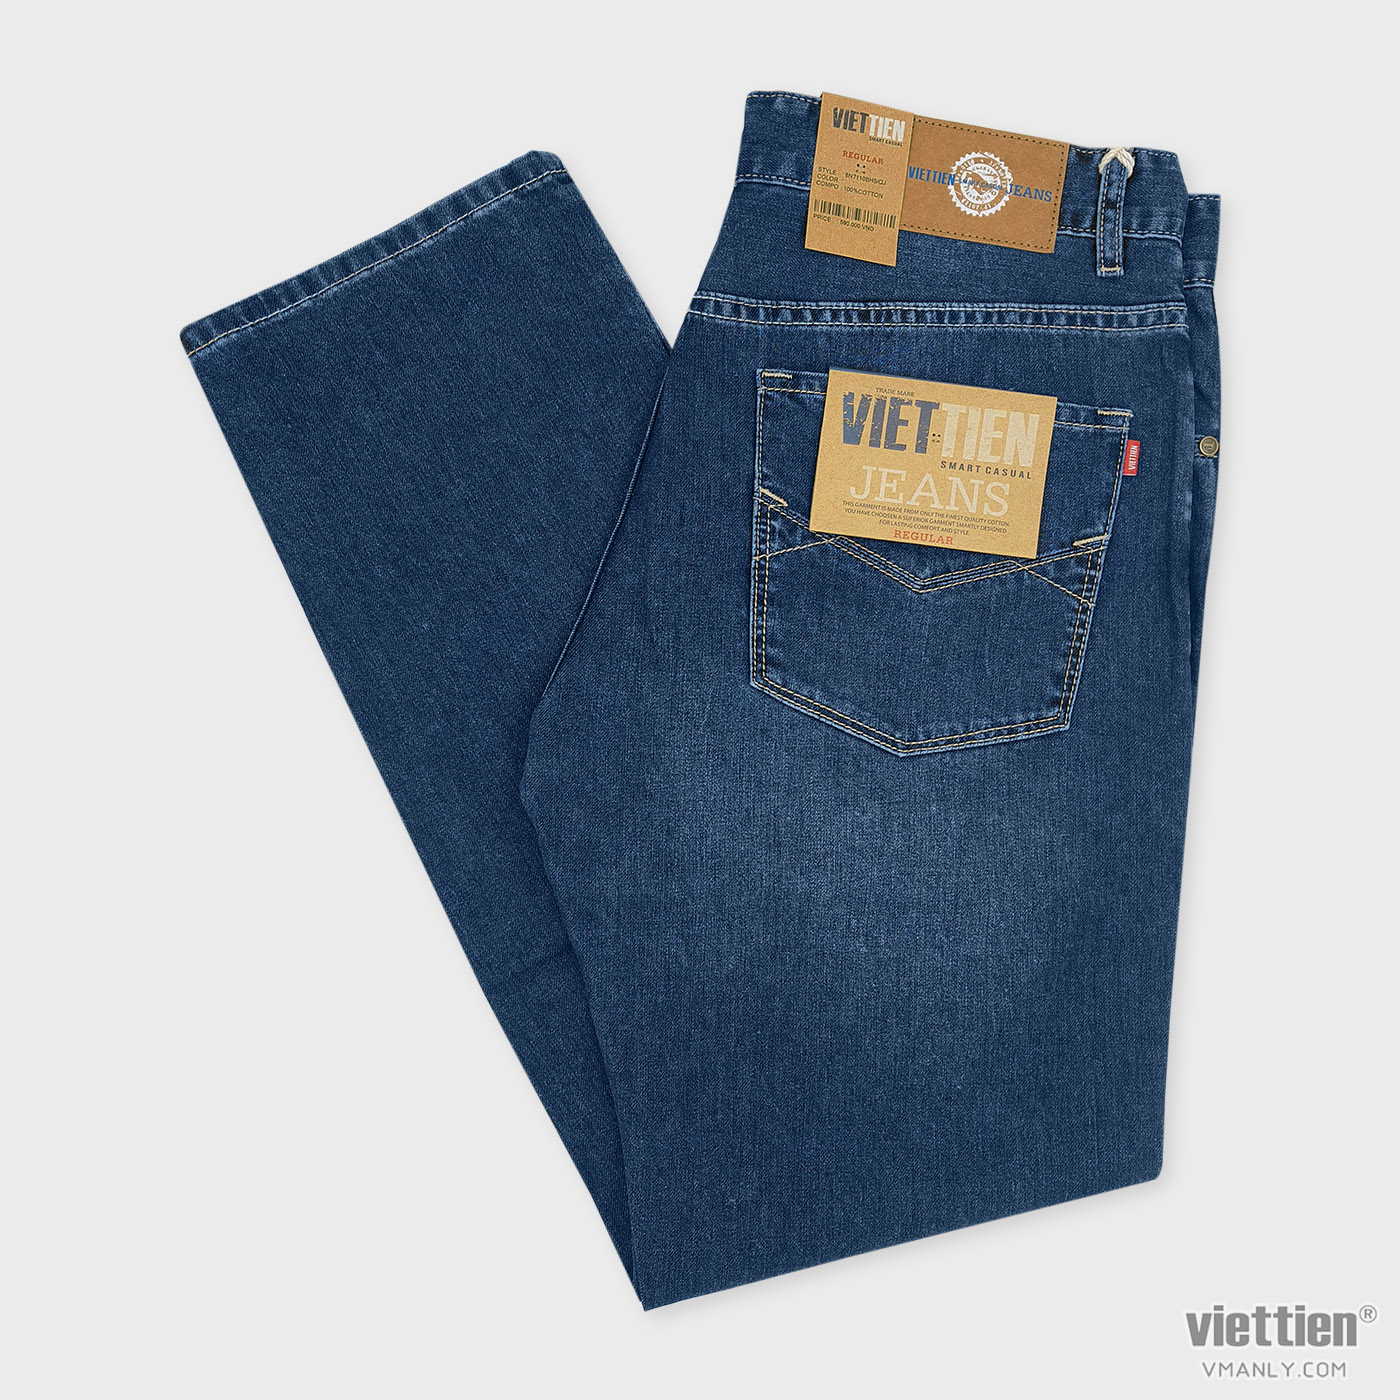 Quần Jeans nam Việt Tiến regular, 100% cotton màu xanh 6N7110BH5/QJ